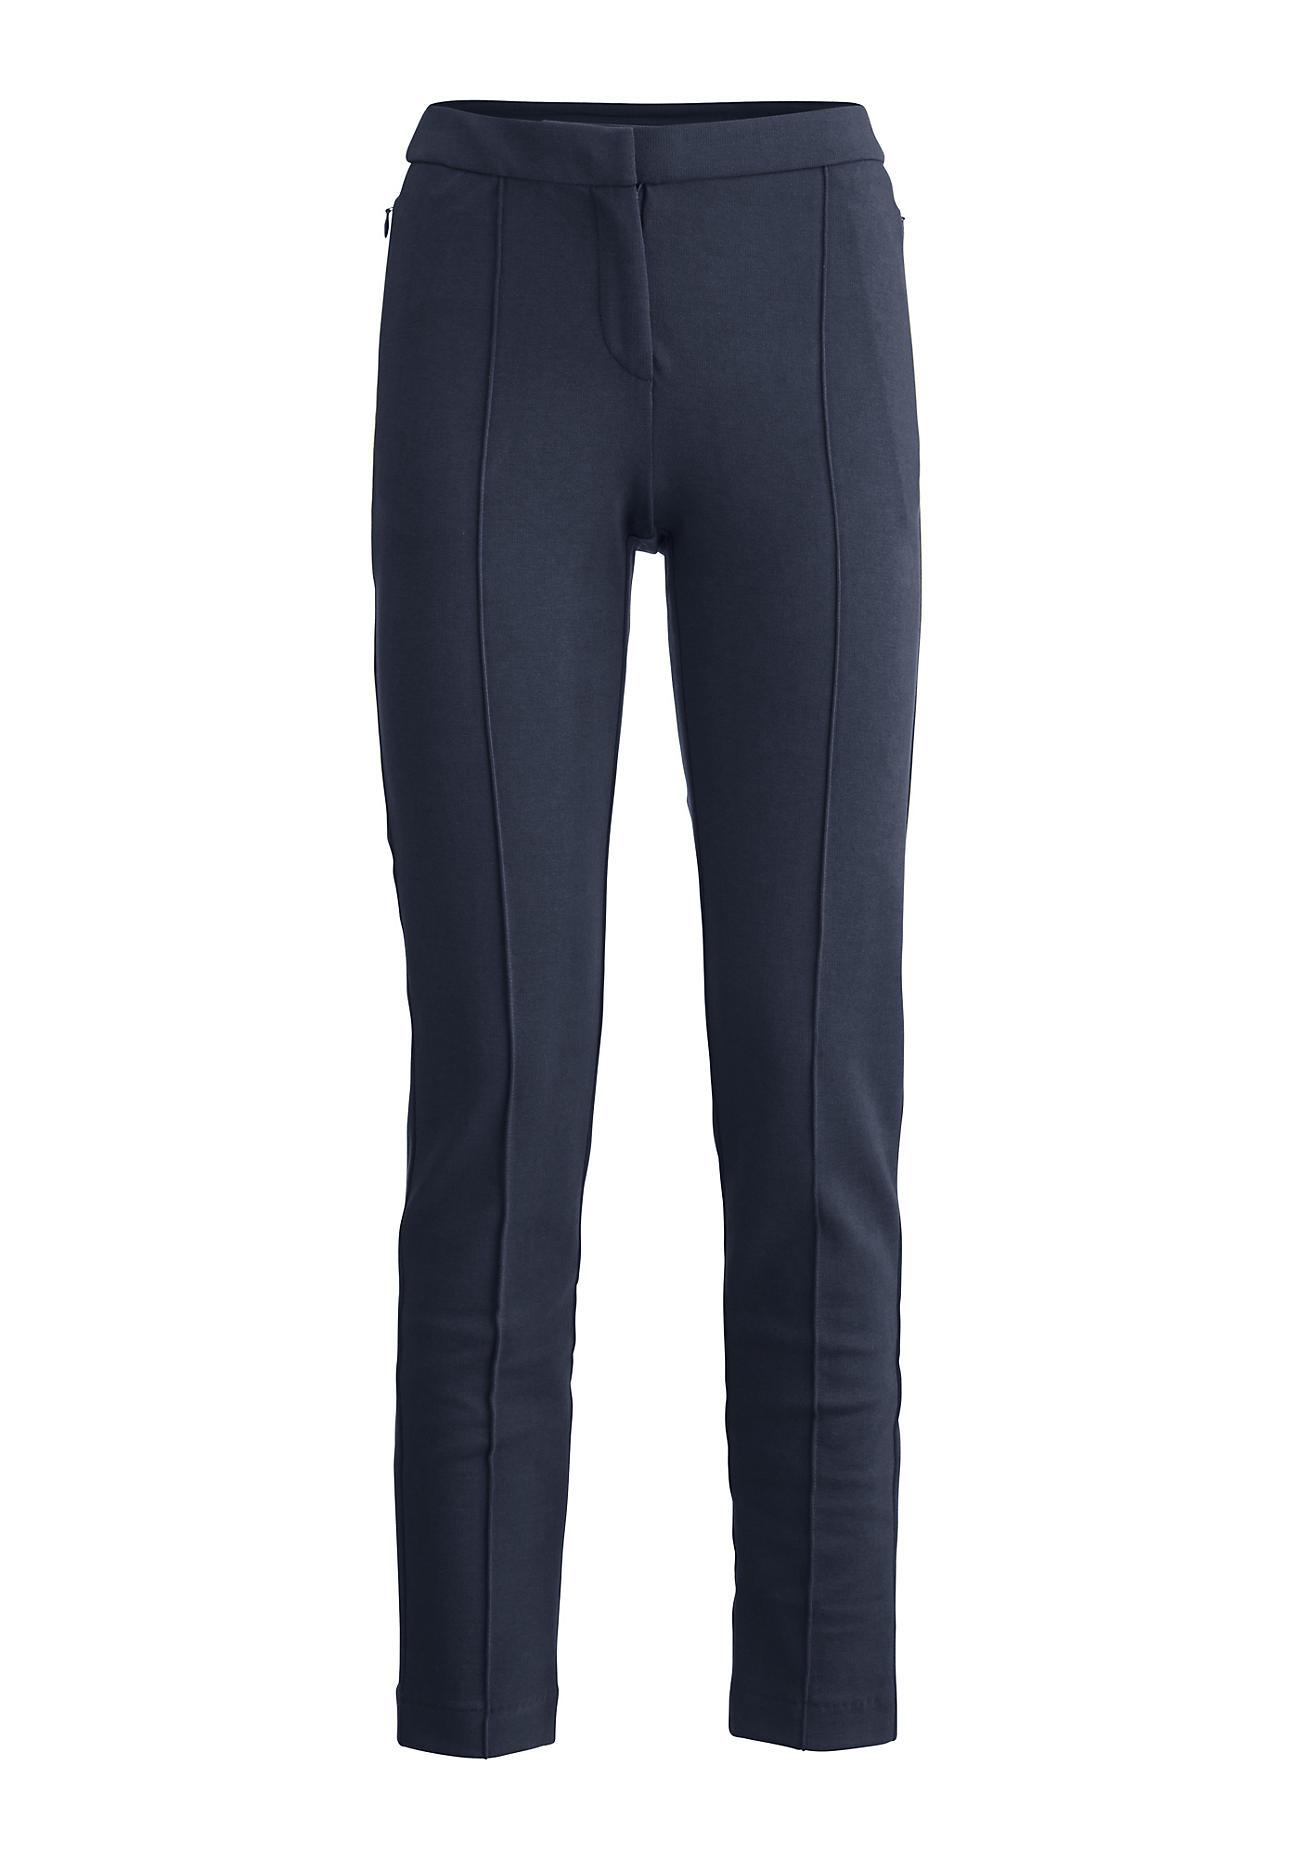 hessnatur Damen Hose aus Bio Baumwolle – blau – Größe 38